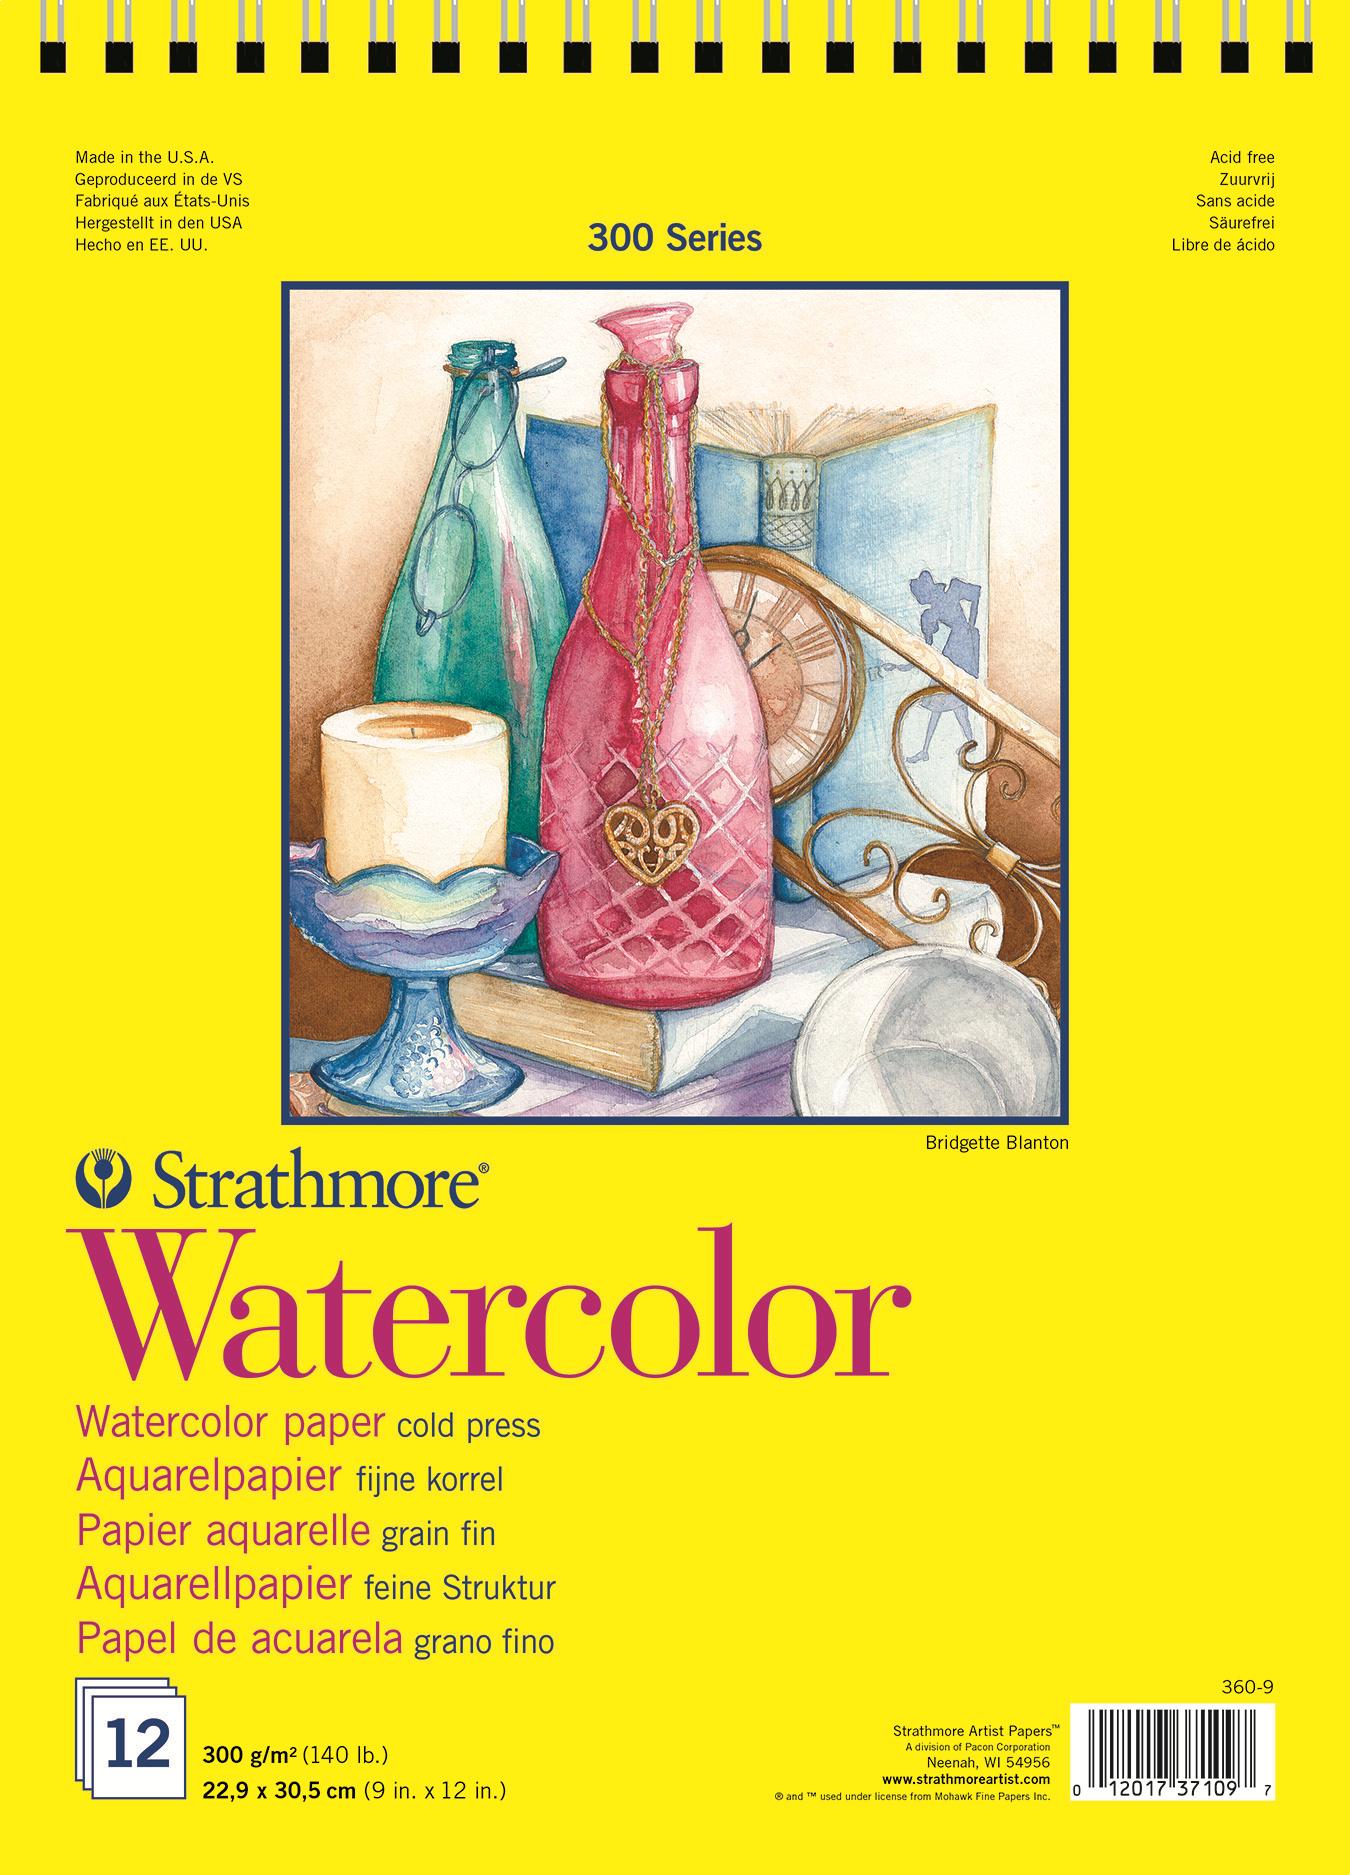 Strathmore Альбом для акварели 300 Series 12 листов формат A4+